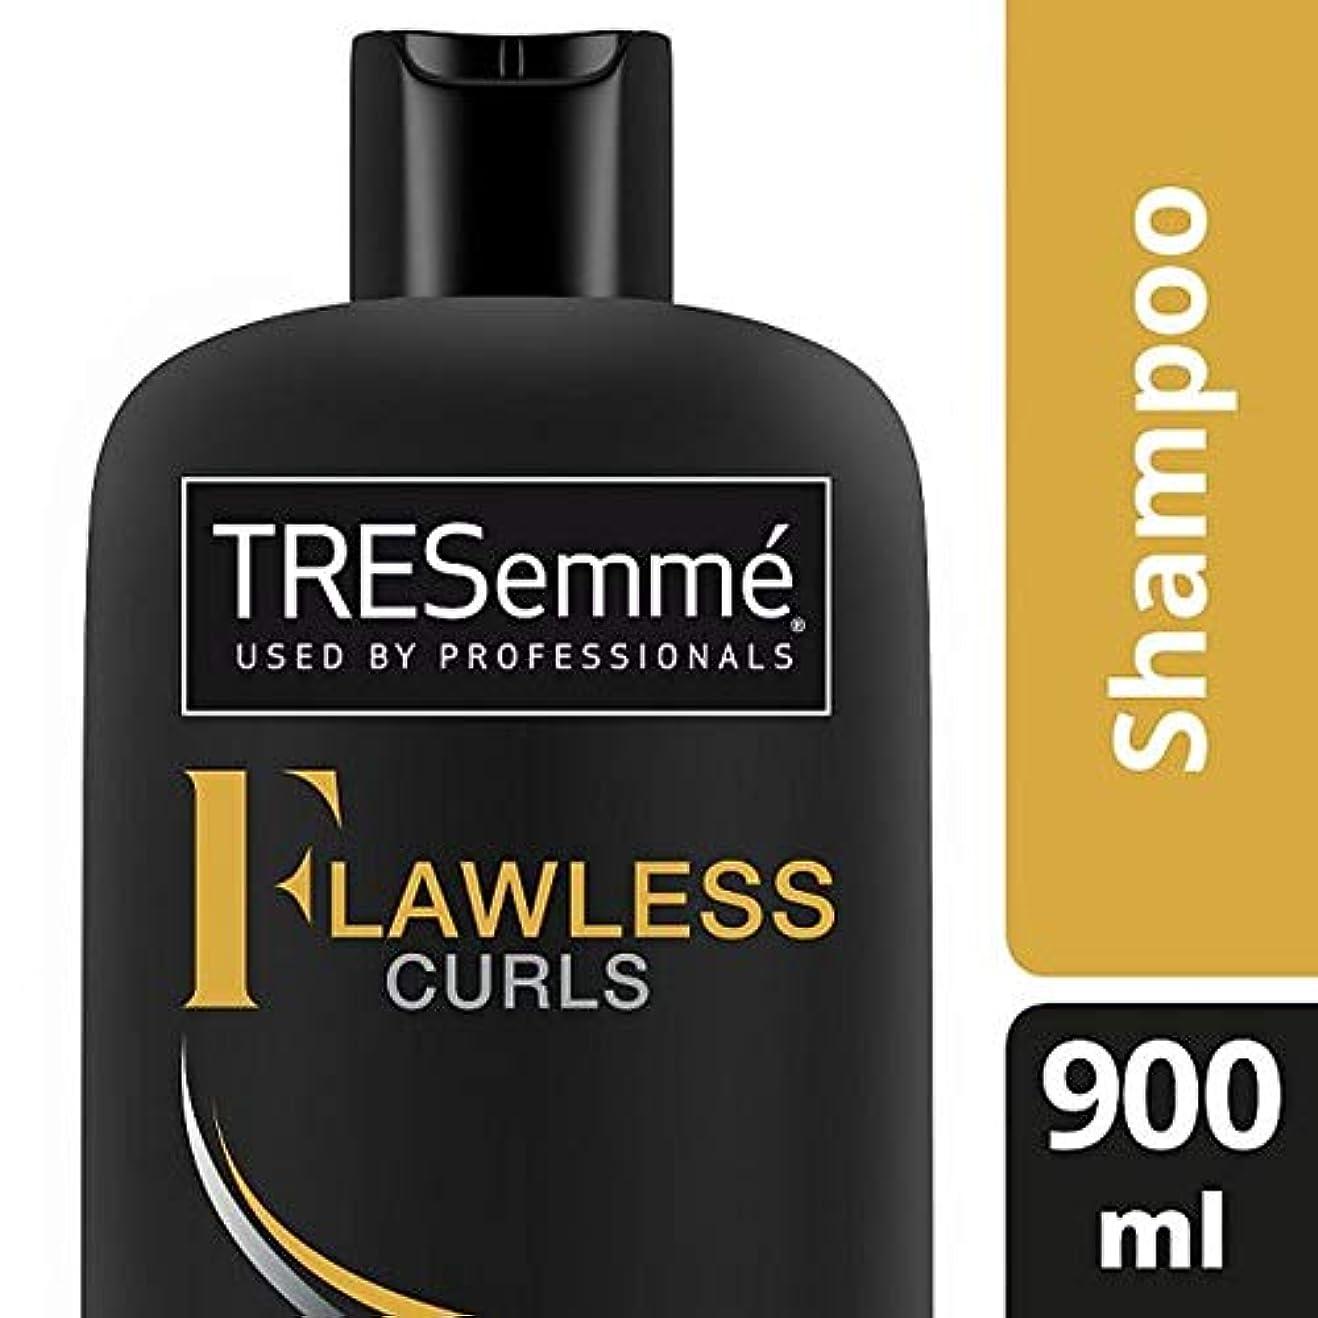 シェトランド諸島スペード掻く[Tresemme] Tresemme金シャンプー900ミリリットル - Tresemme Gold Shampoo 900Ml [並行輸入品]